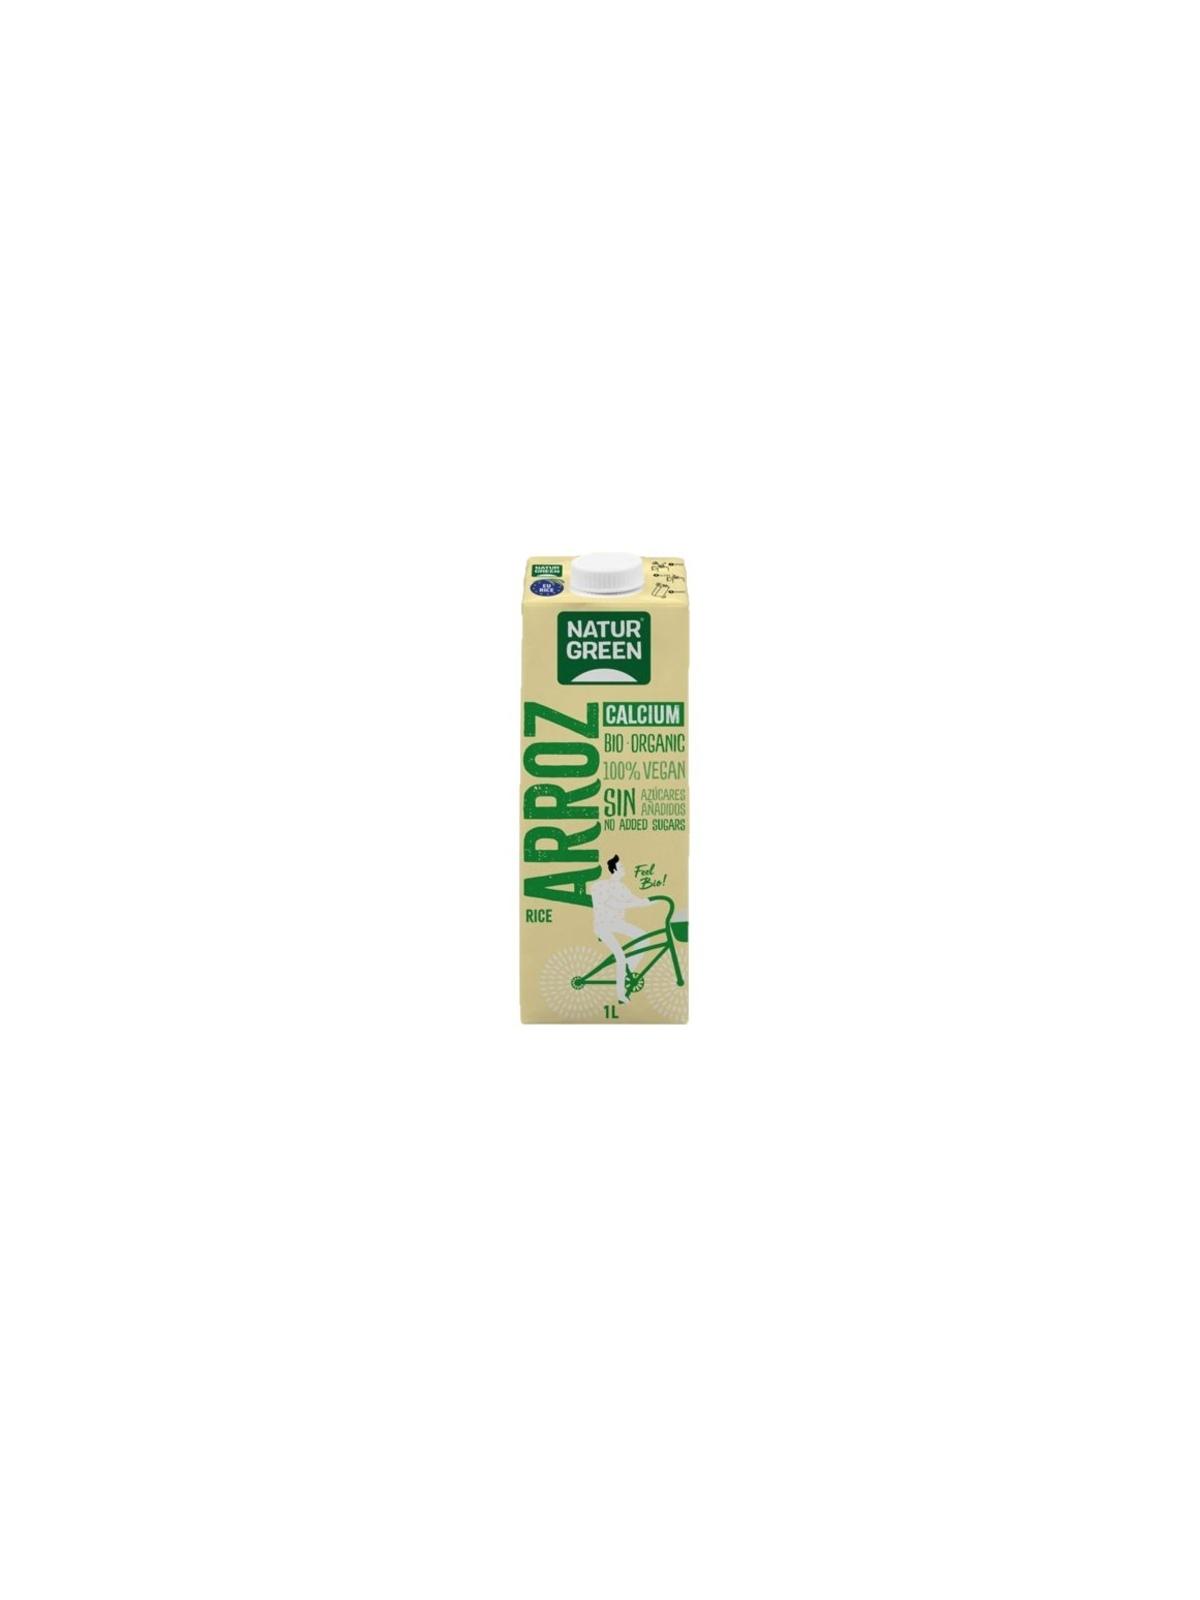 Envase de Bebida de arroz Calcium Bio Naturgreen 1l.